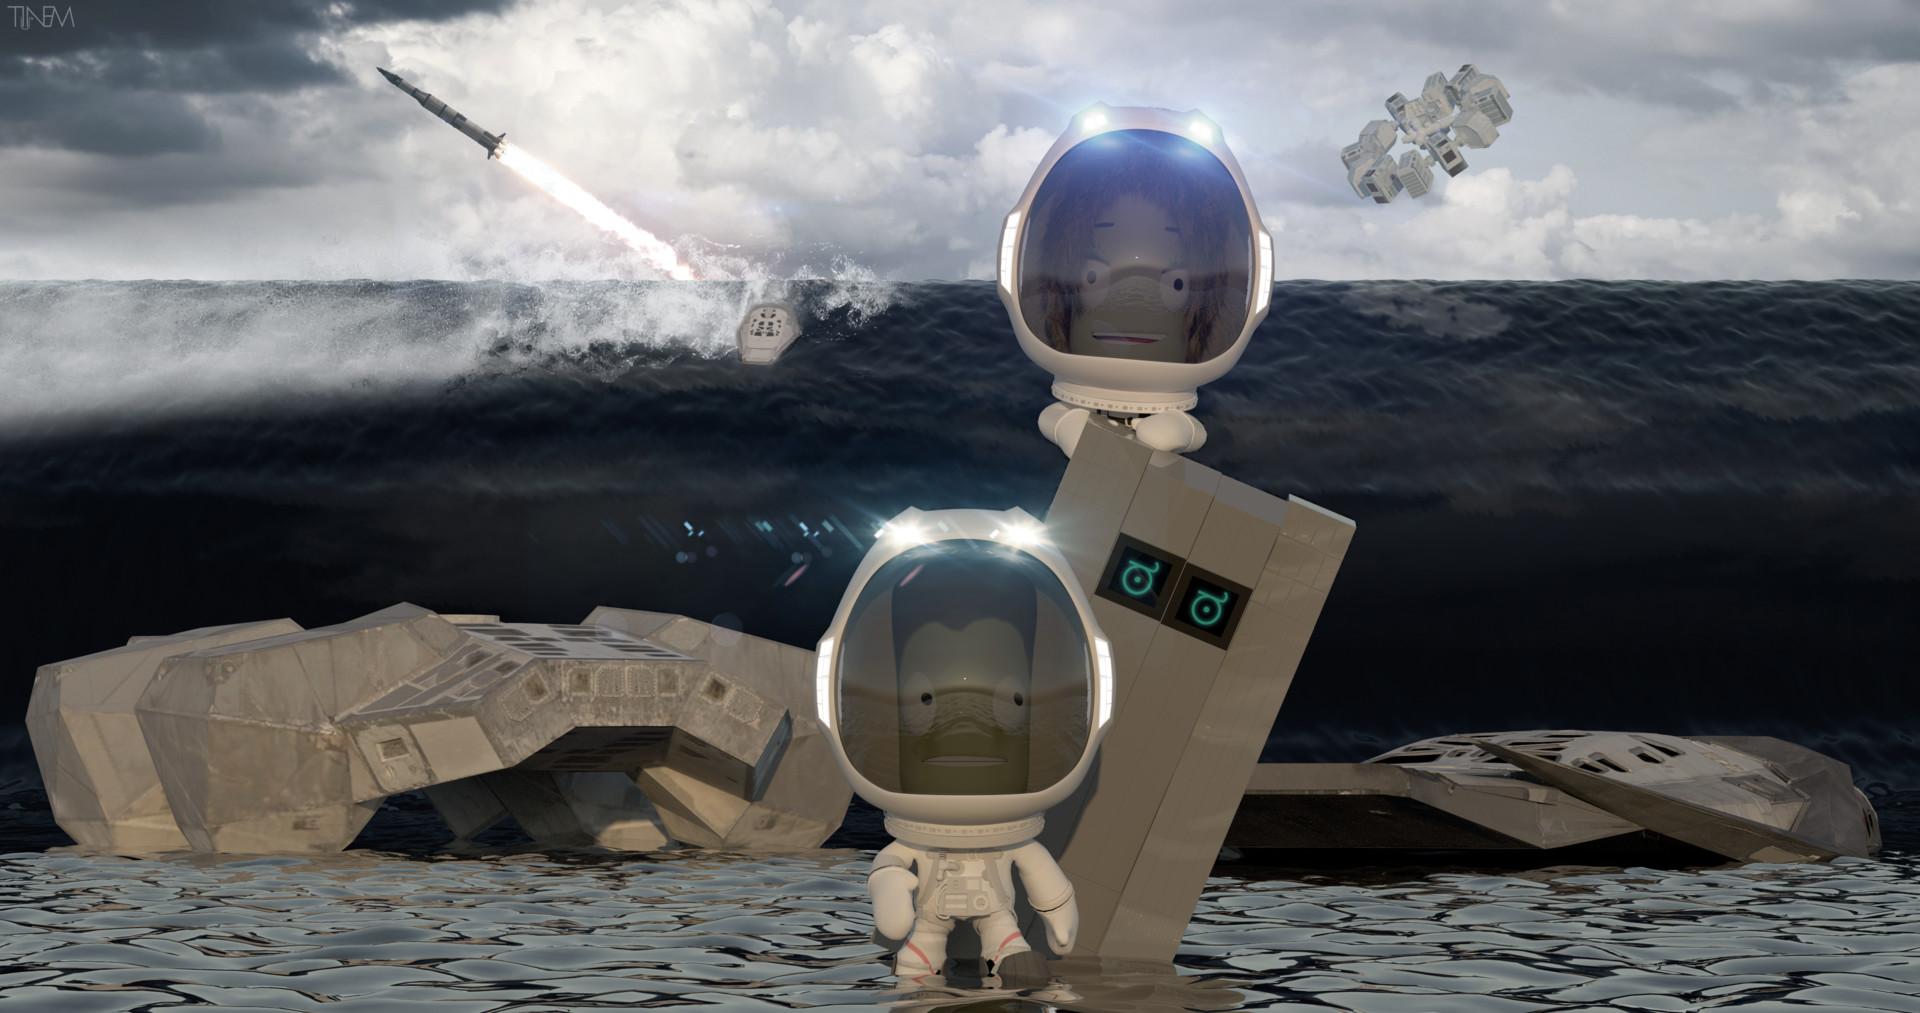 interstellar ranger spacecraft design - HD1920×1013